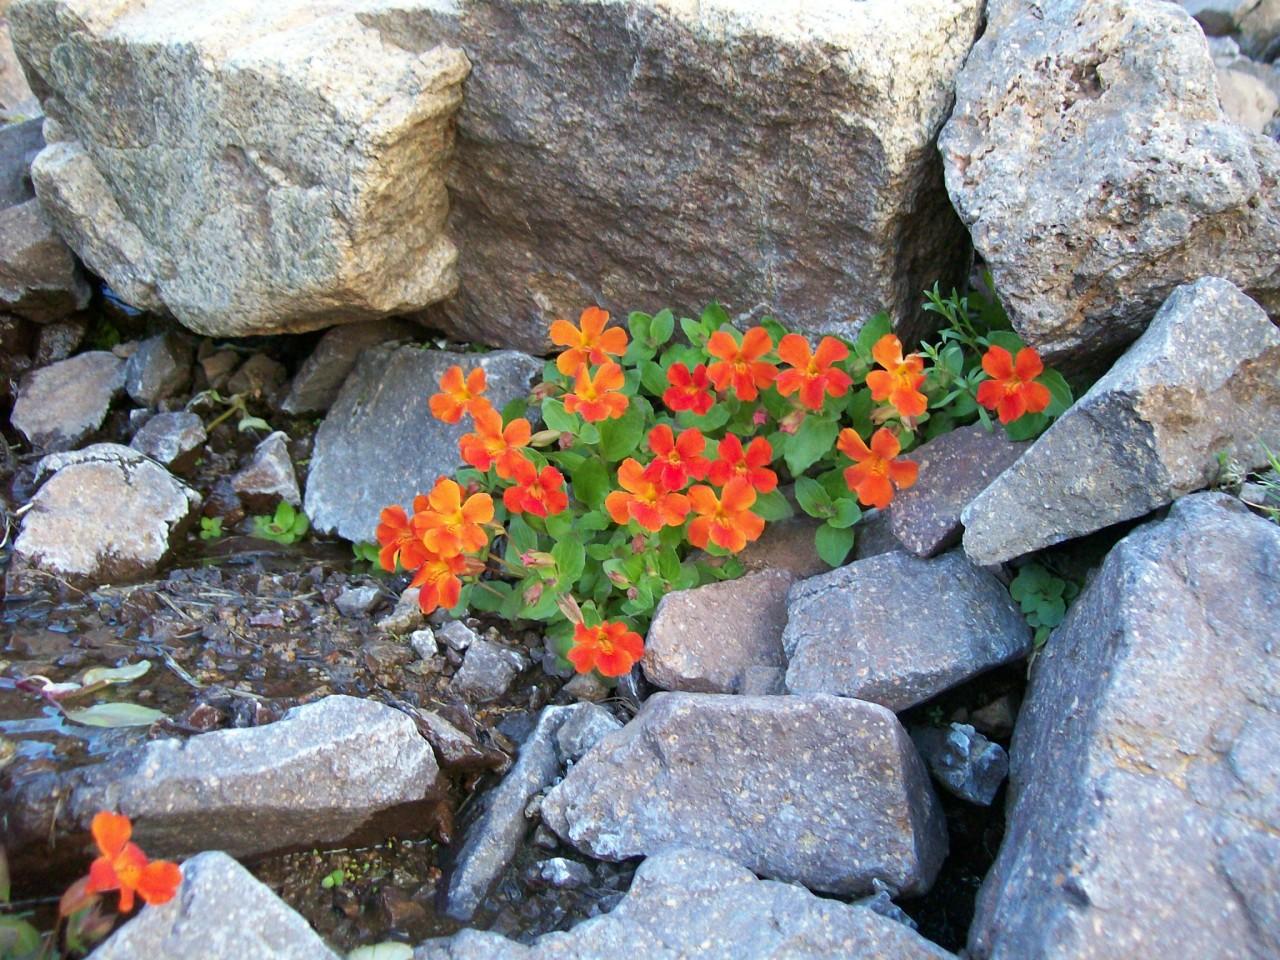 Aprovechando la generosa humedad de la zona, crecen cientos de especies con flores de llamativos colores